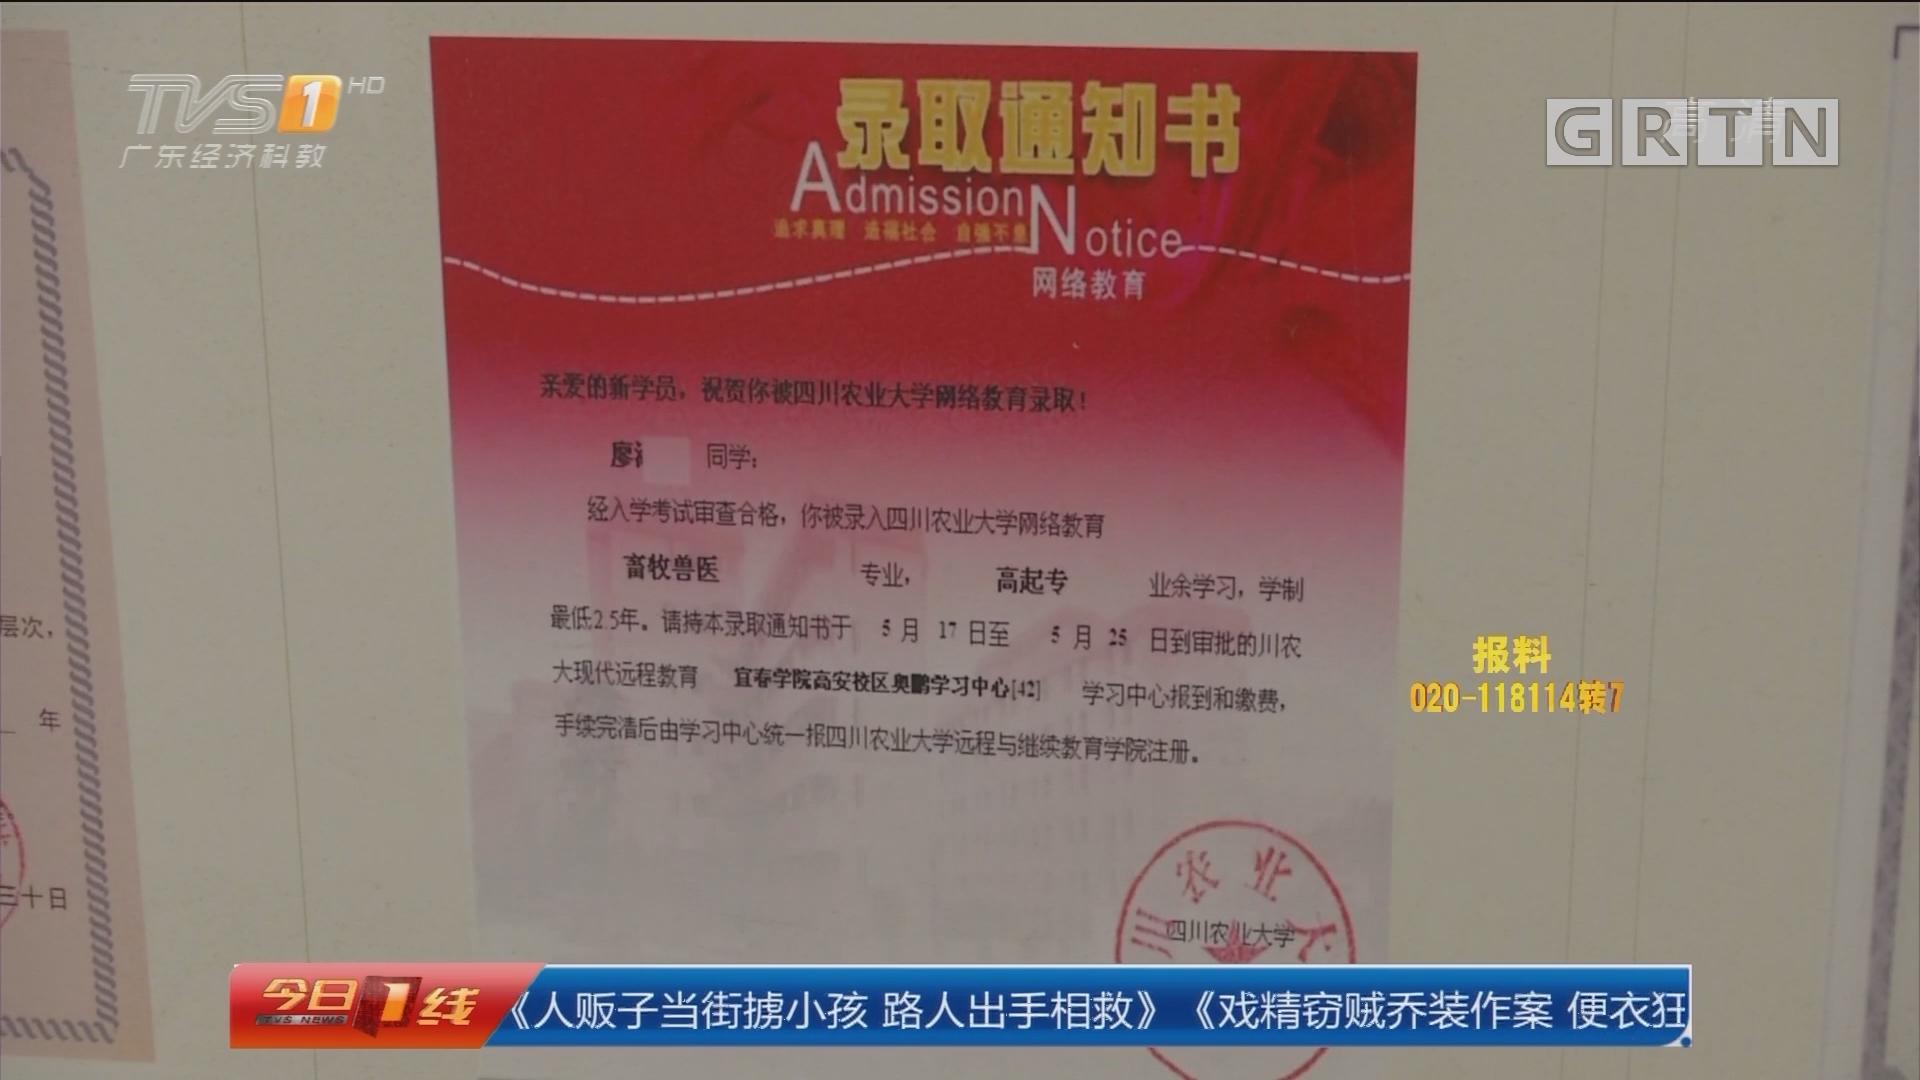 惠州:学员按时缴学费 竟因欠费被开除